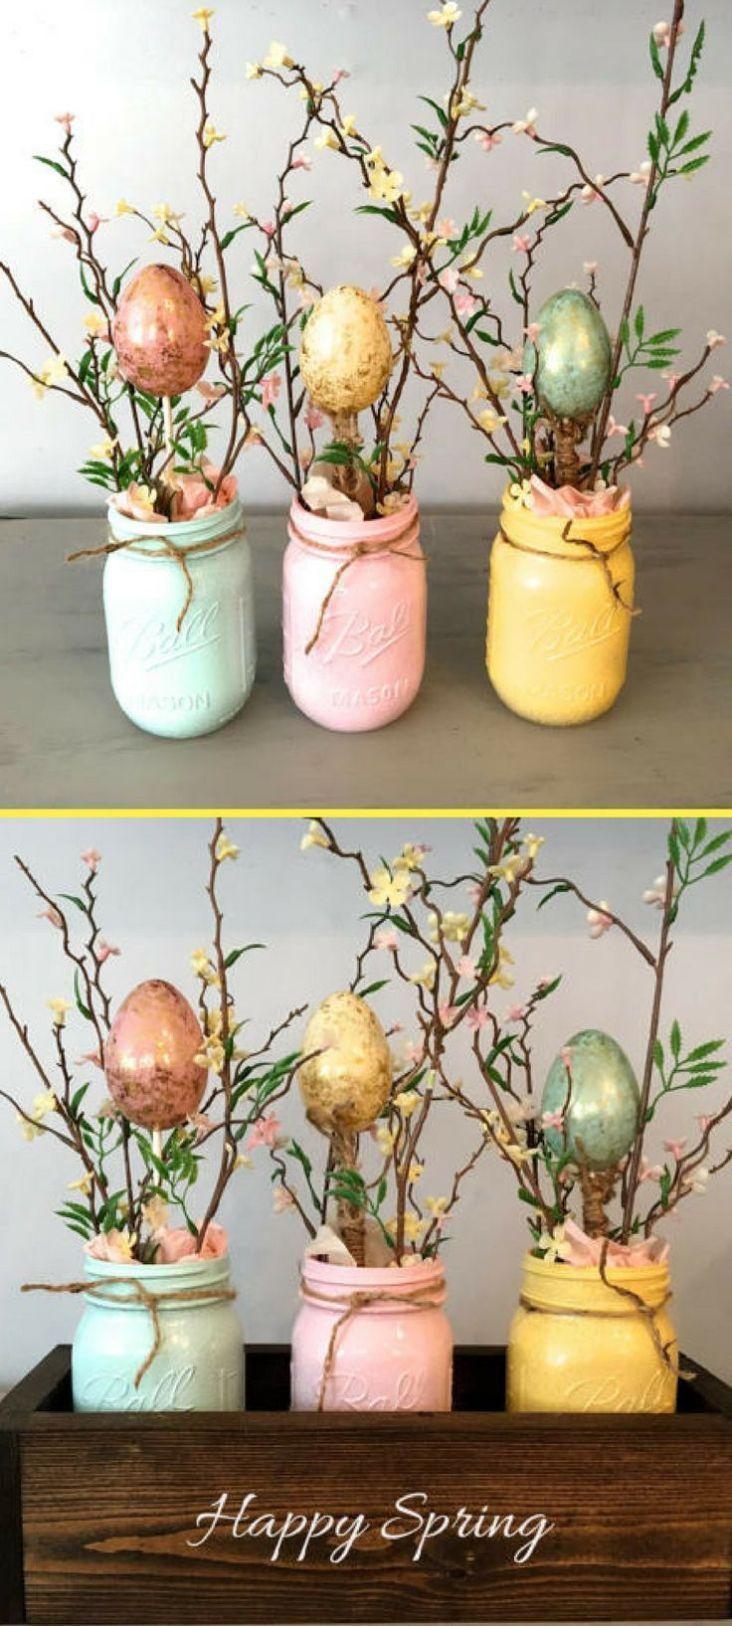 50 wunderschöne DIY Ostern Dekor Ideen – Dieses kleine blaue Haus